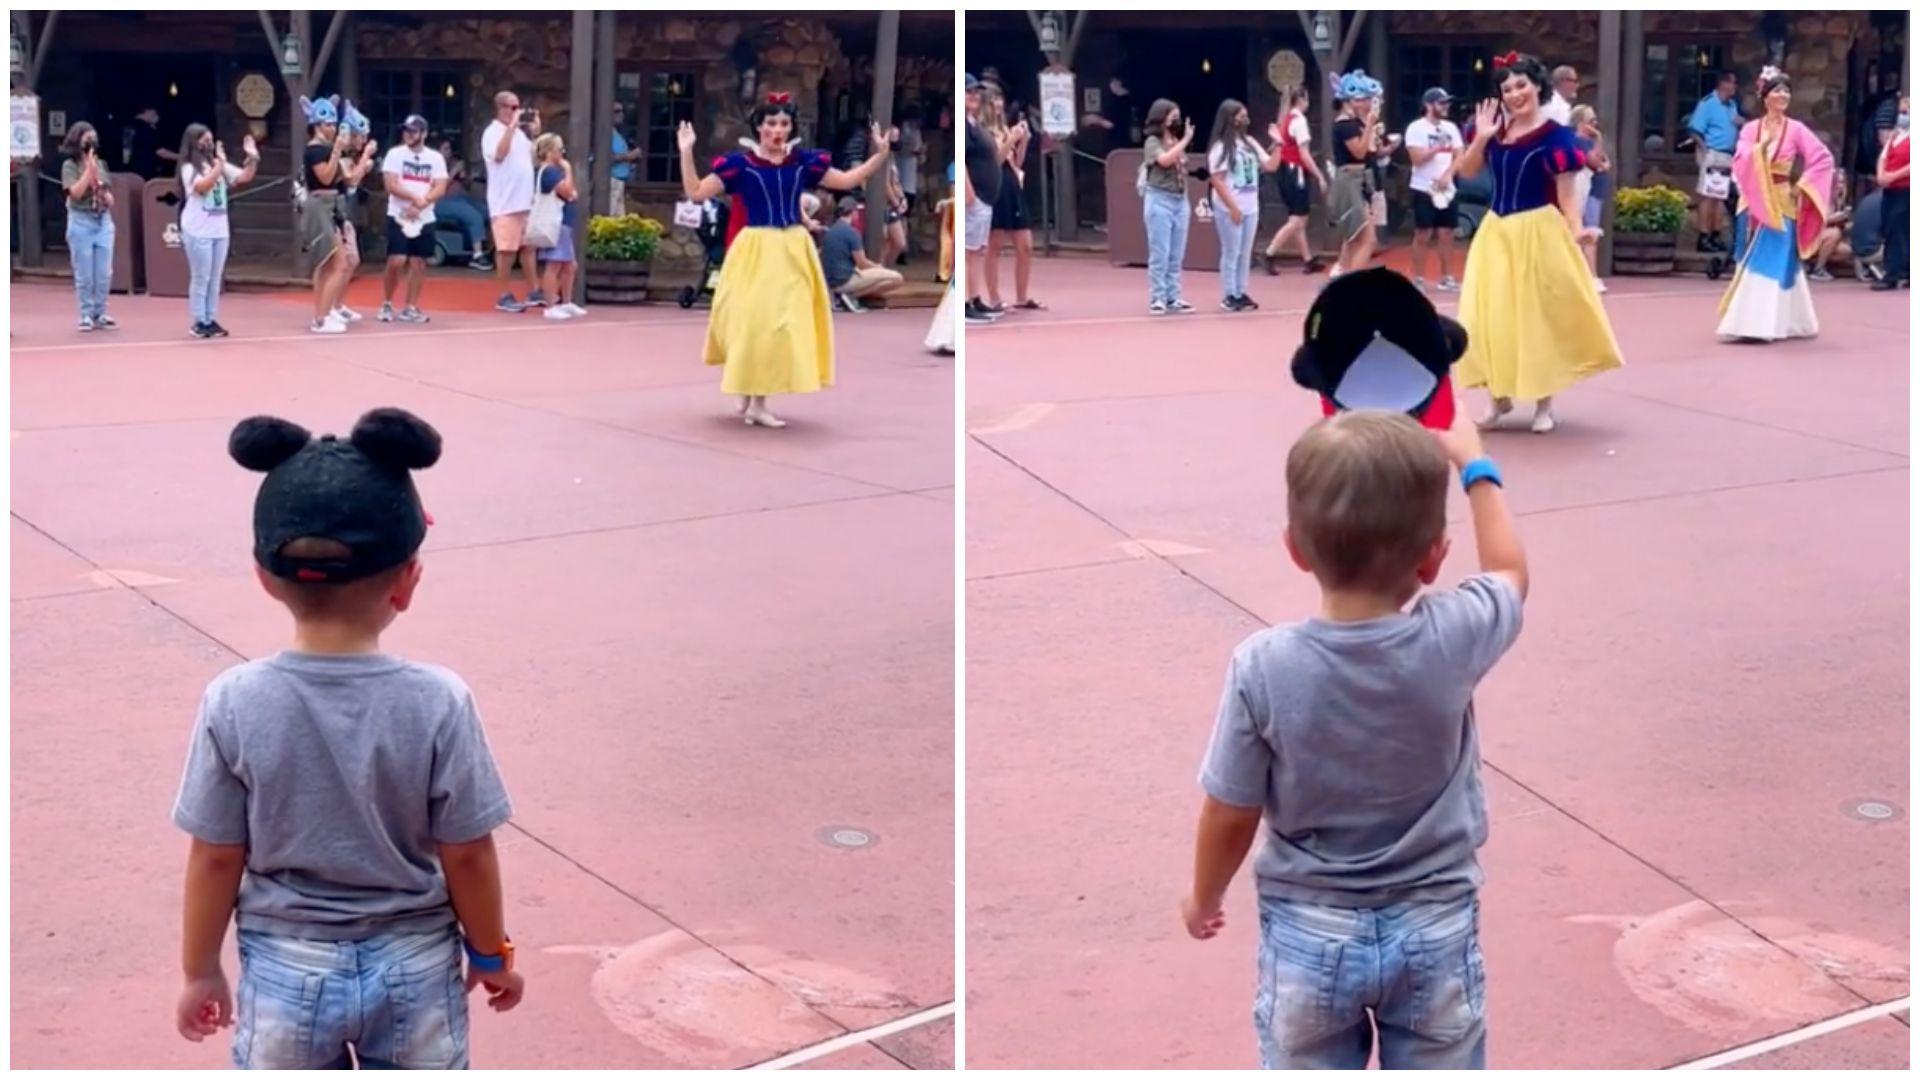 Egy igazi úriember! Megemelte a kalapját a Disney-hercegnők előtt a 4 éves kisfiú